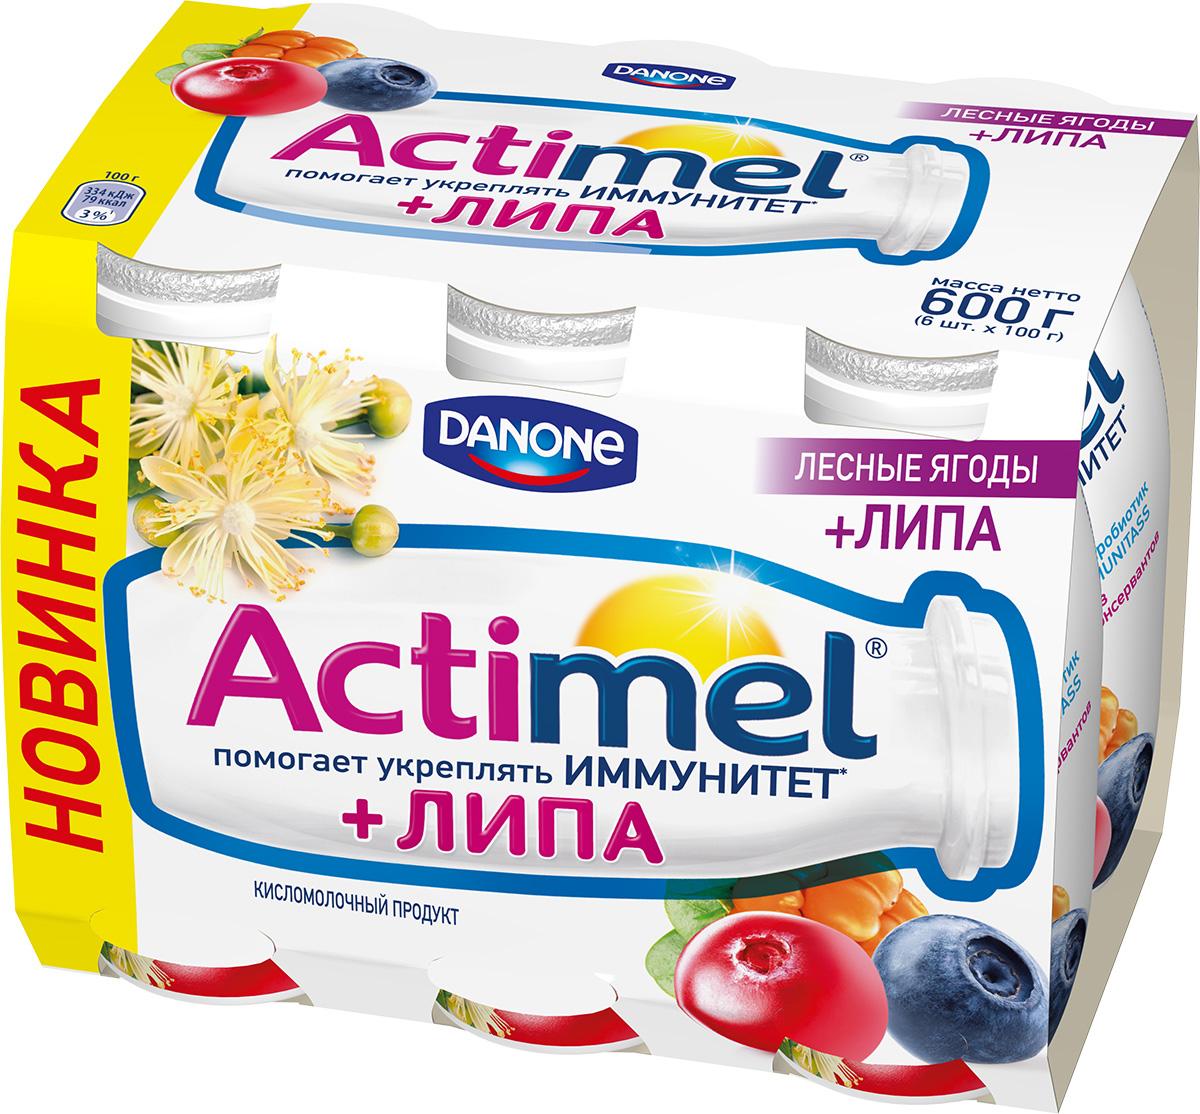 Актимель Продукт кисломолочный, Вишня-черешня с имбирем 2,5%, 6 шт по 100 г118433Напиток Actimel Вишня-черешня-имбирь 2.5% - это уникальный кисломолочный продукт с пряным имбирно-ягодным вкусом, в котором помимо пробиотиков содержатся особые лактобактерии L.Casei Imunitass и витамин C, повышающие иммунитет.